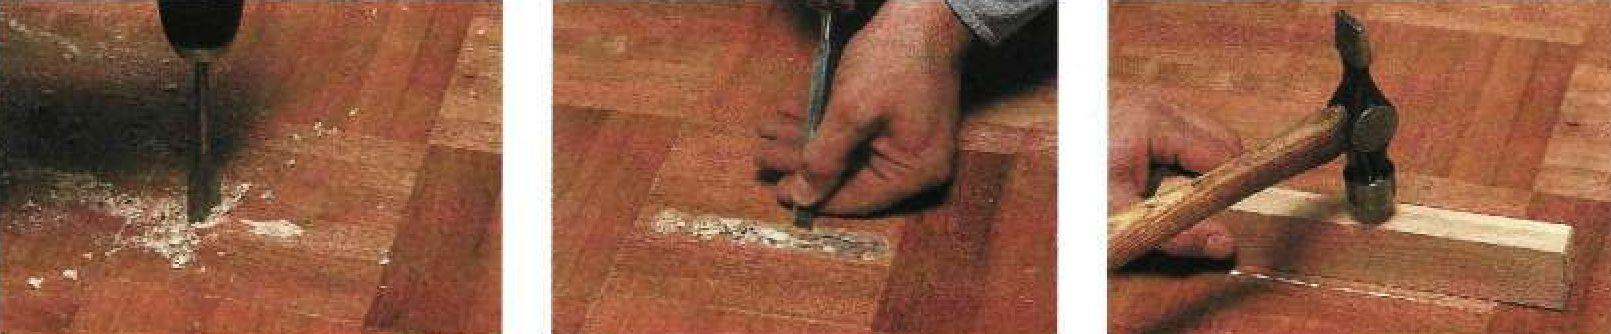 Замена мозаичных дощечек